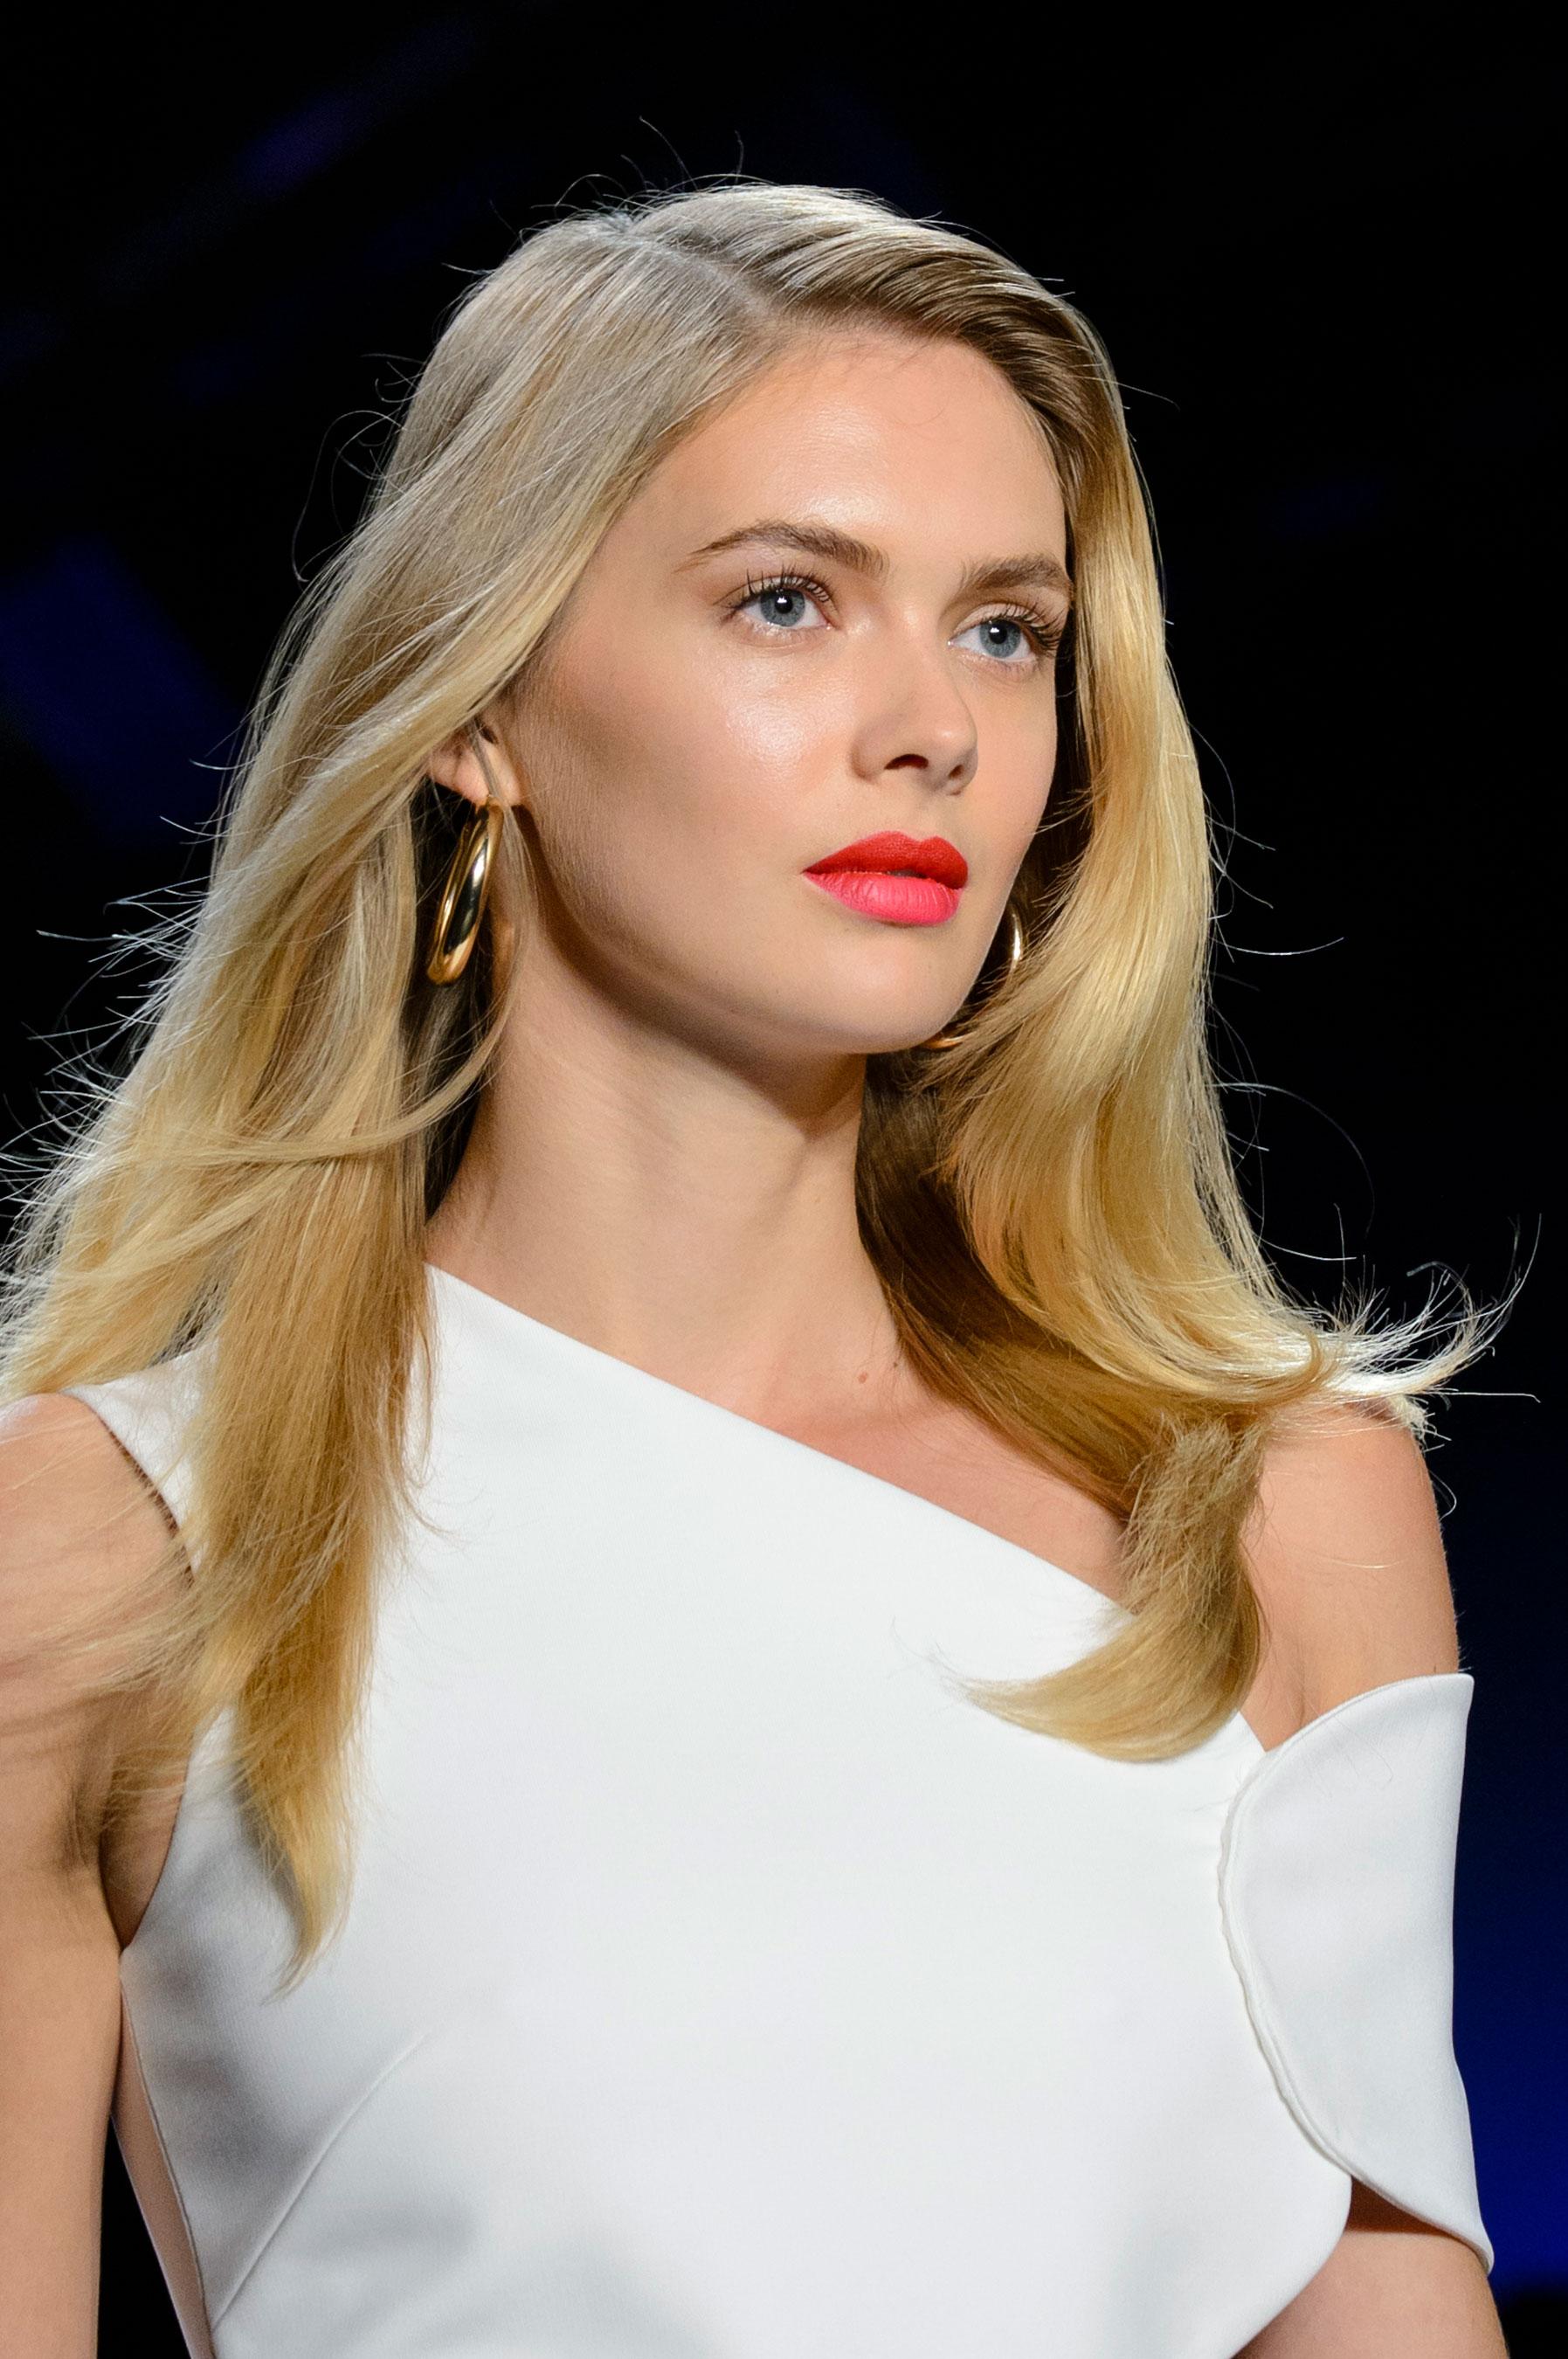 Los labiales en tono coral son un clásico de la temporada de primavera-verano. Combínalo con un maquillaje de ojos sencillo, tal como lo sugerido en la pasarela de Cushnie Et Ochs. (Foto: The Fashion Group Foundation)